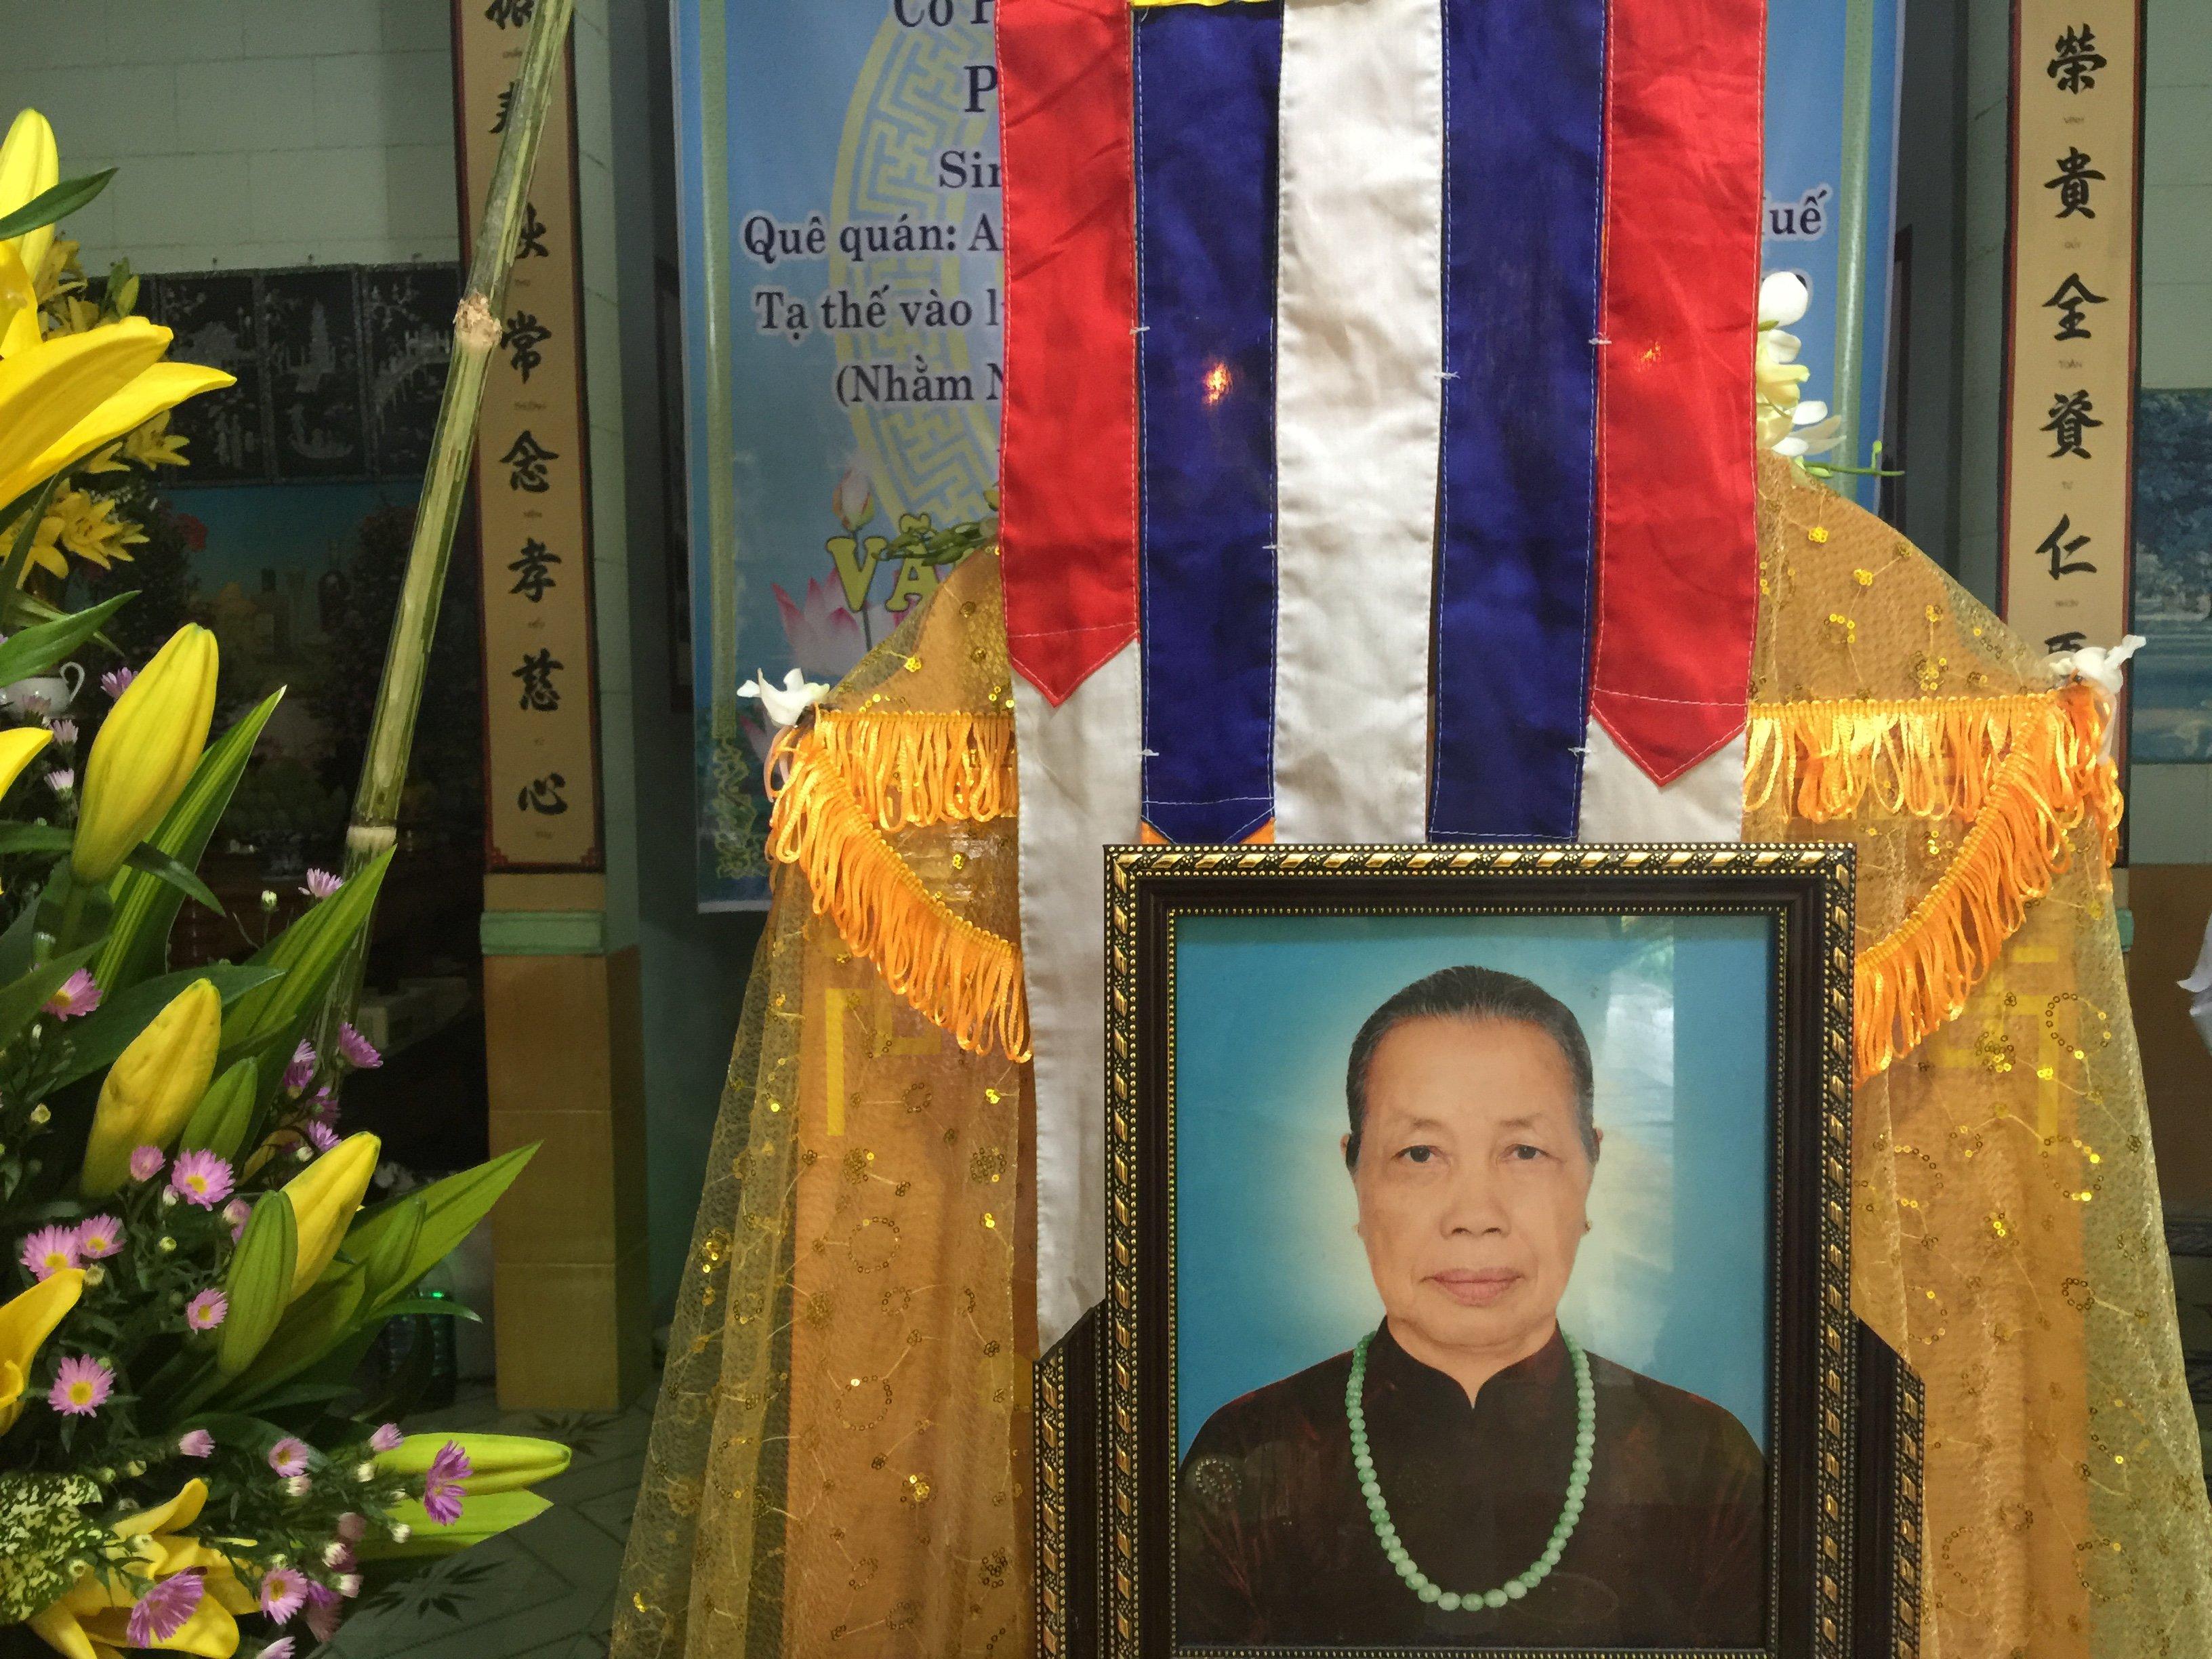 Bà Nguyễn Thị Mật qua đời